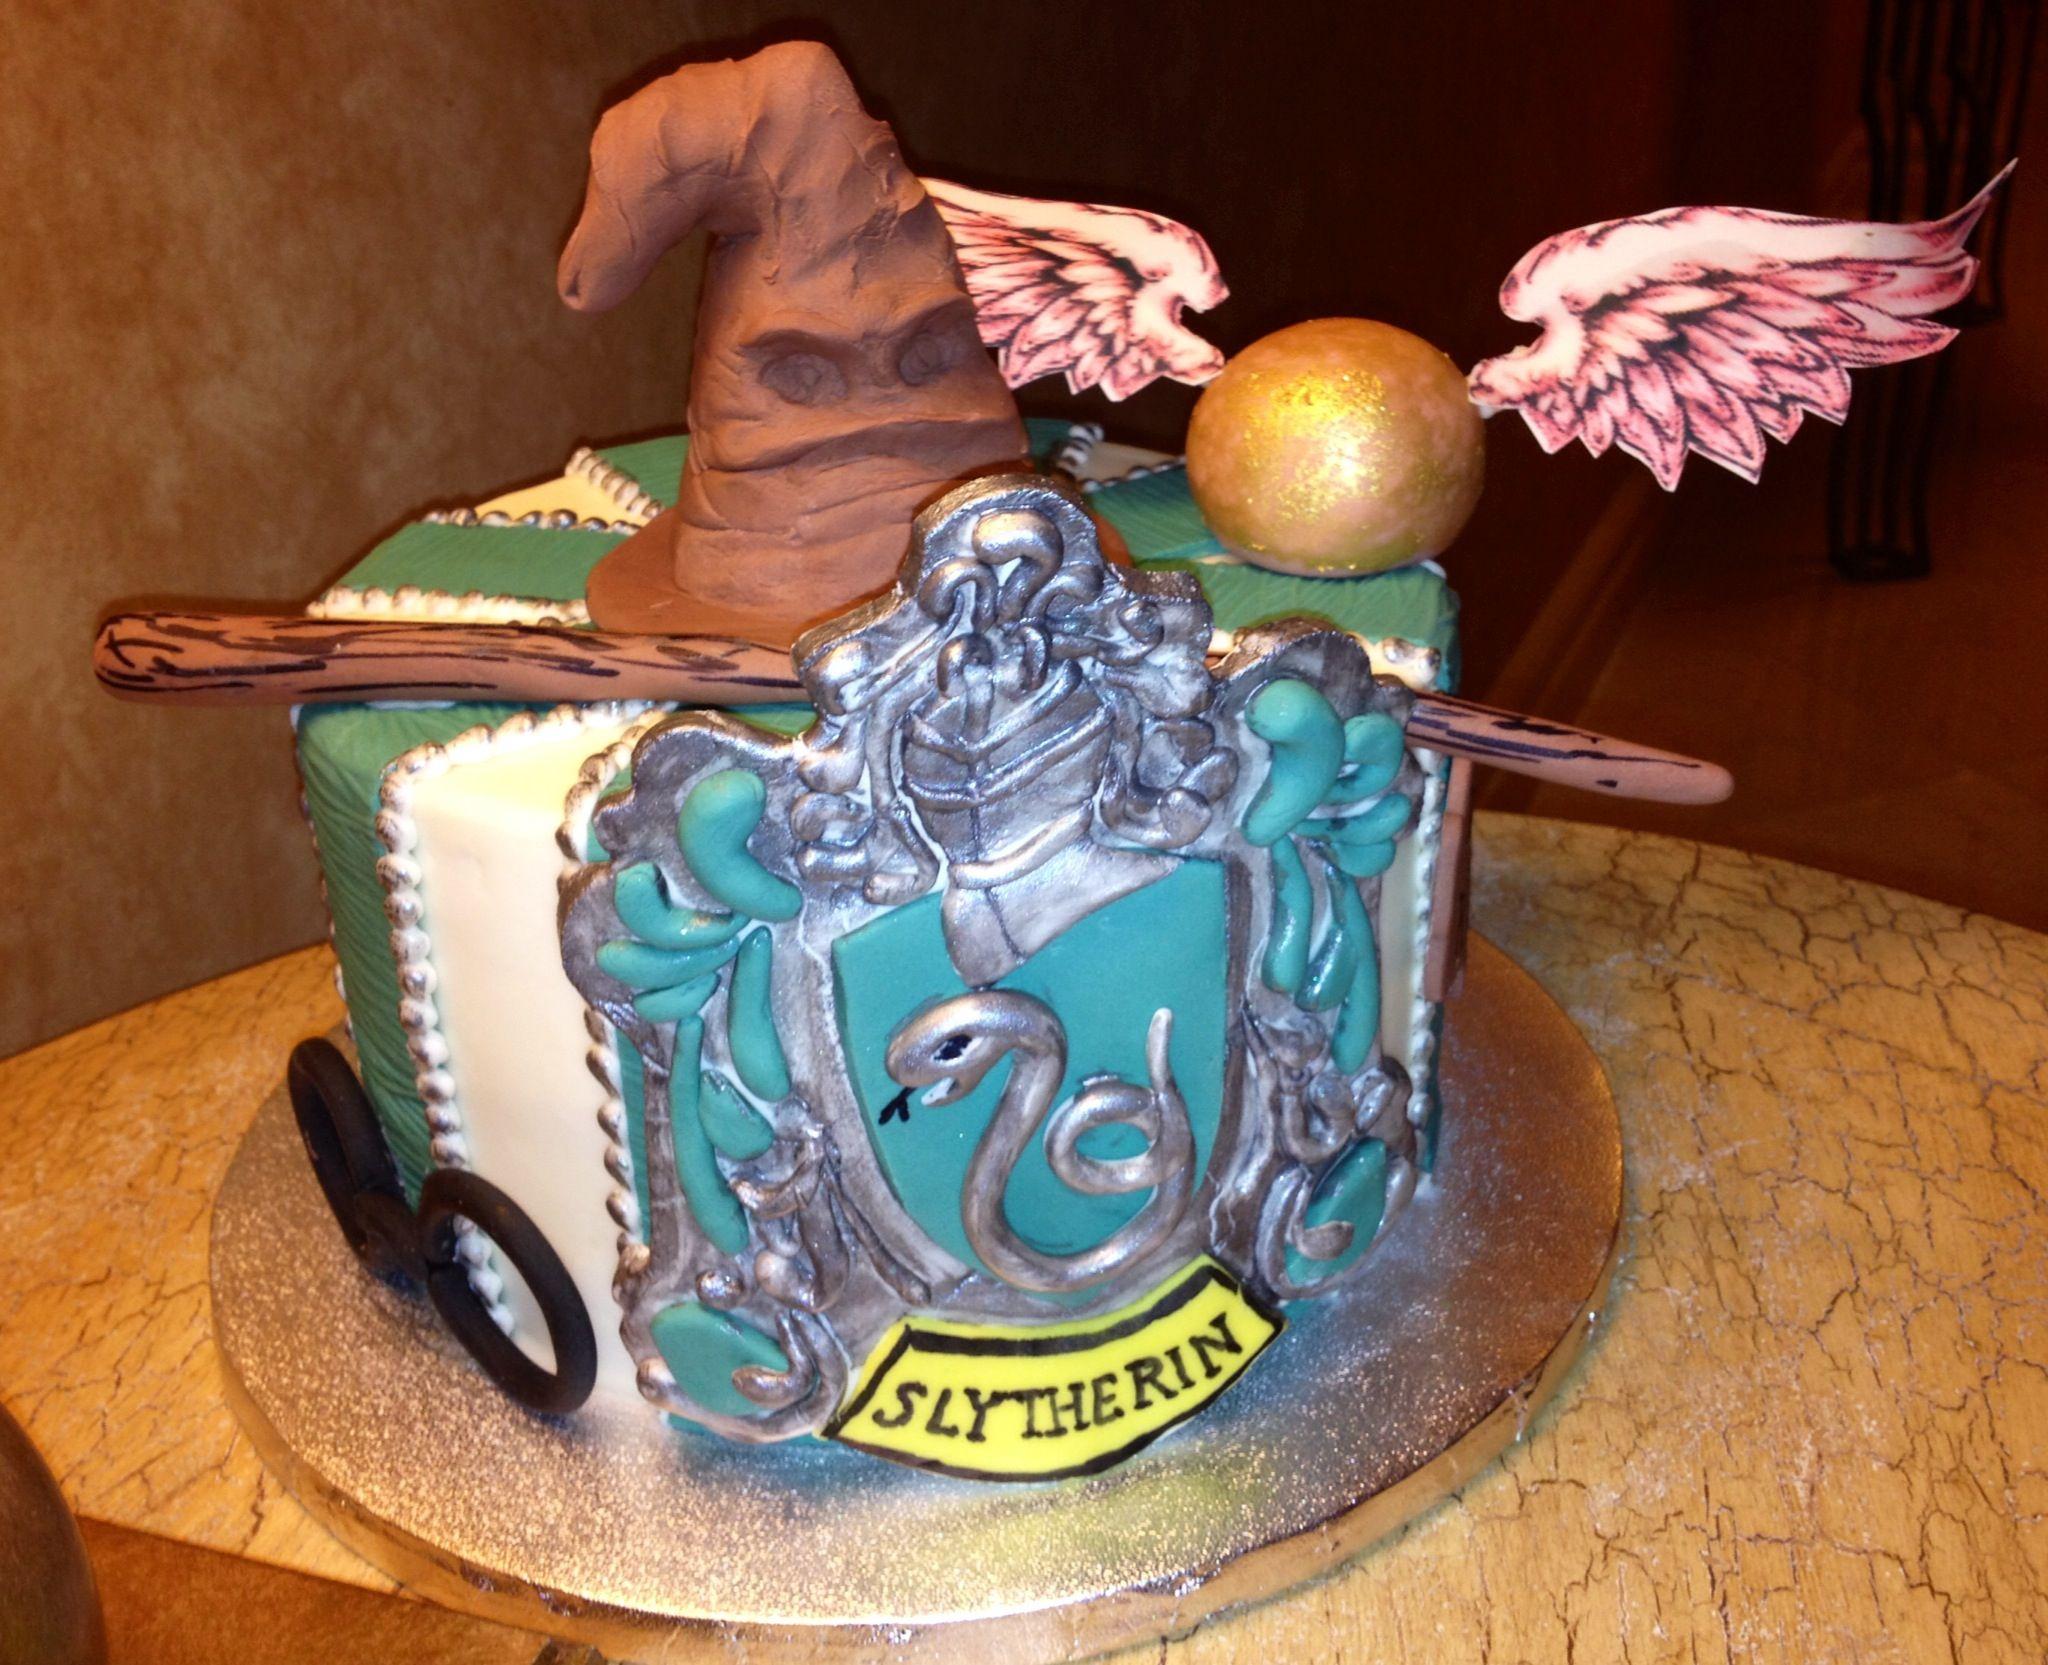 Slytherin Cake Made By My Friend Harrypotter Slytherin Cake